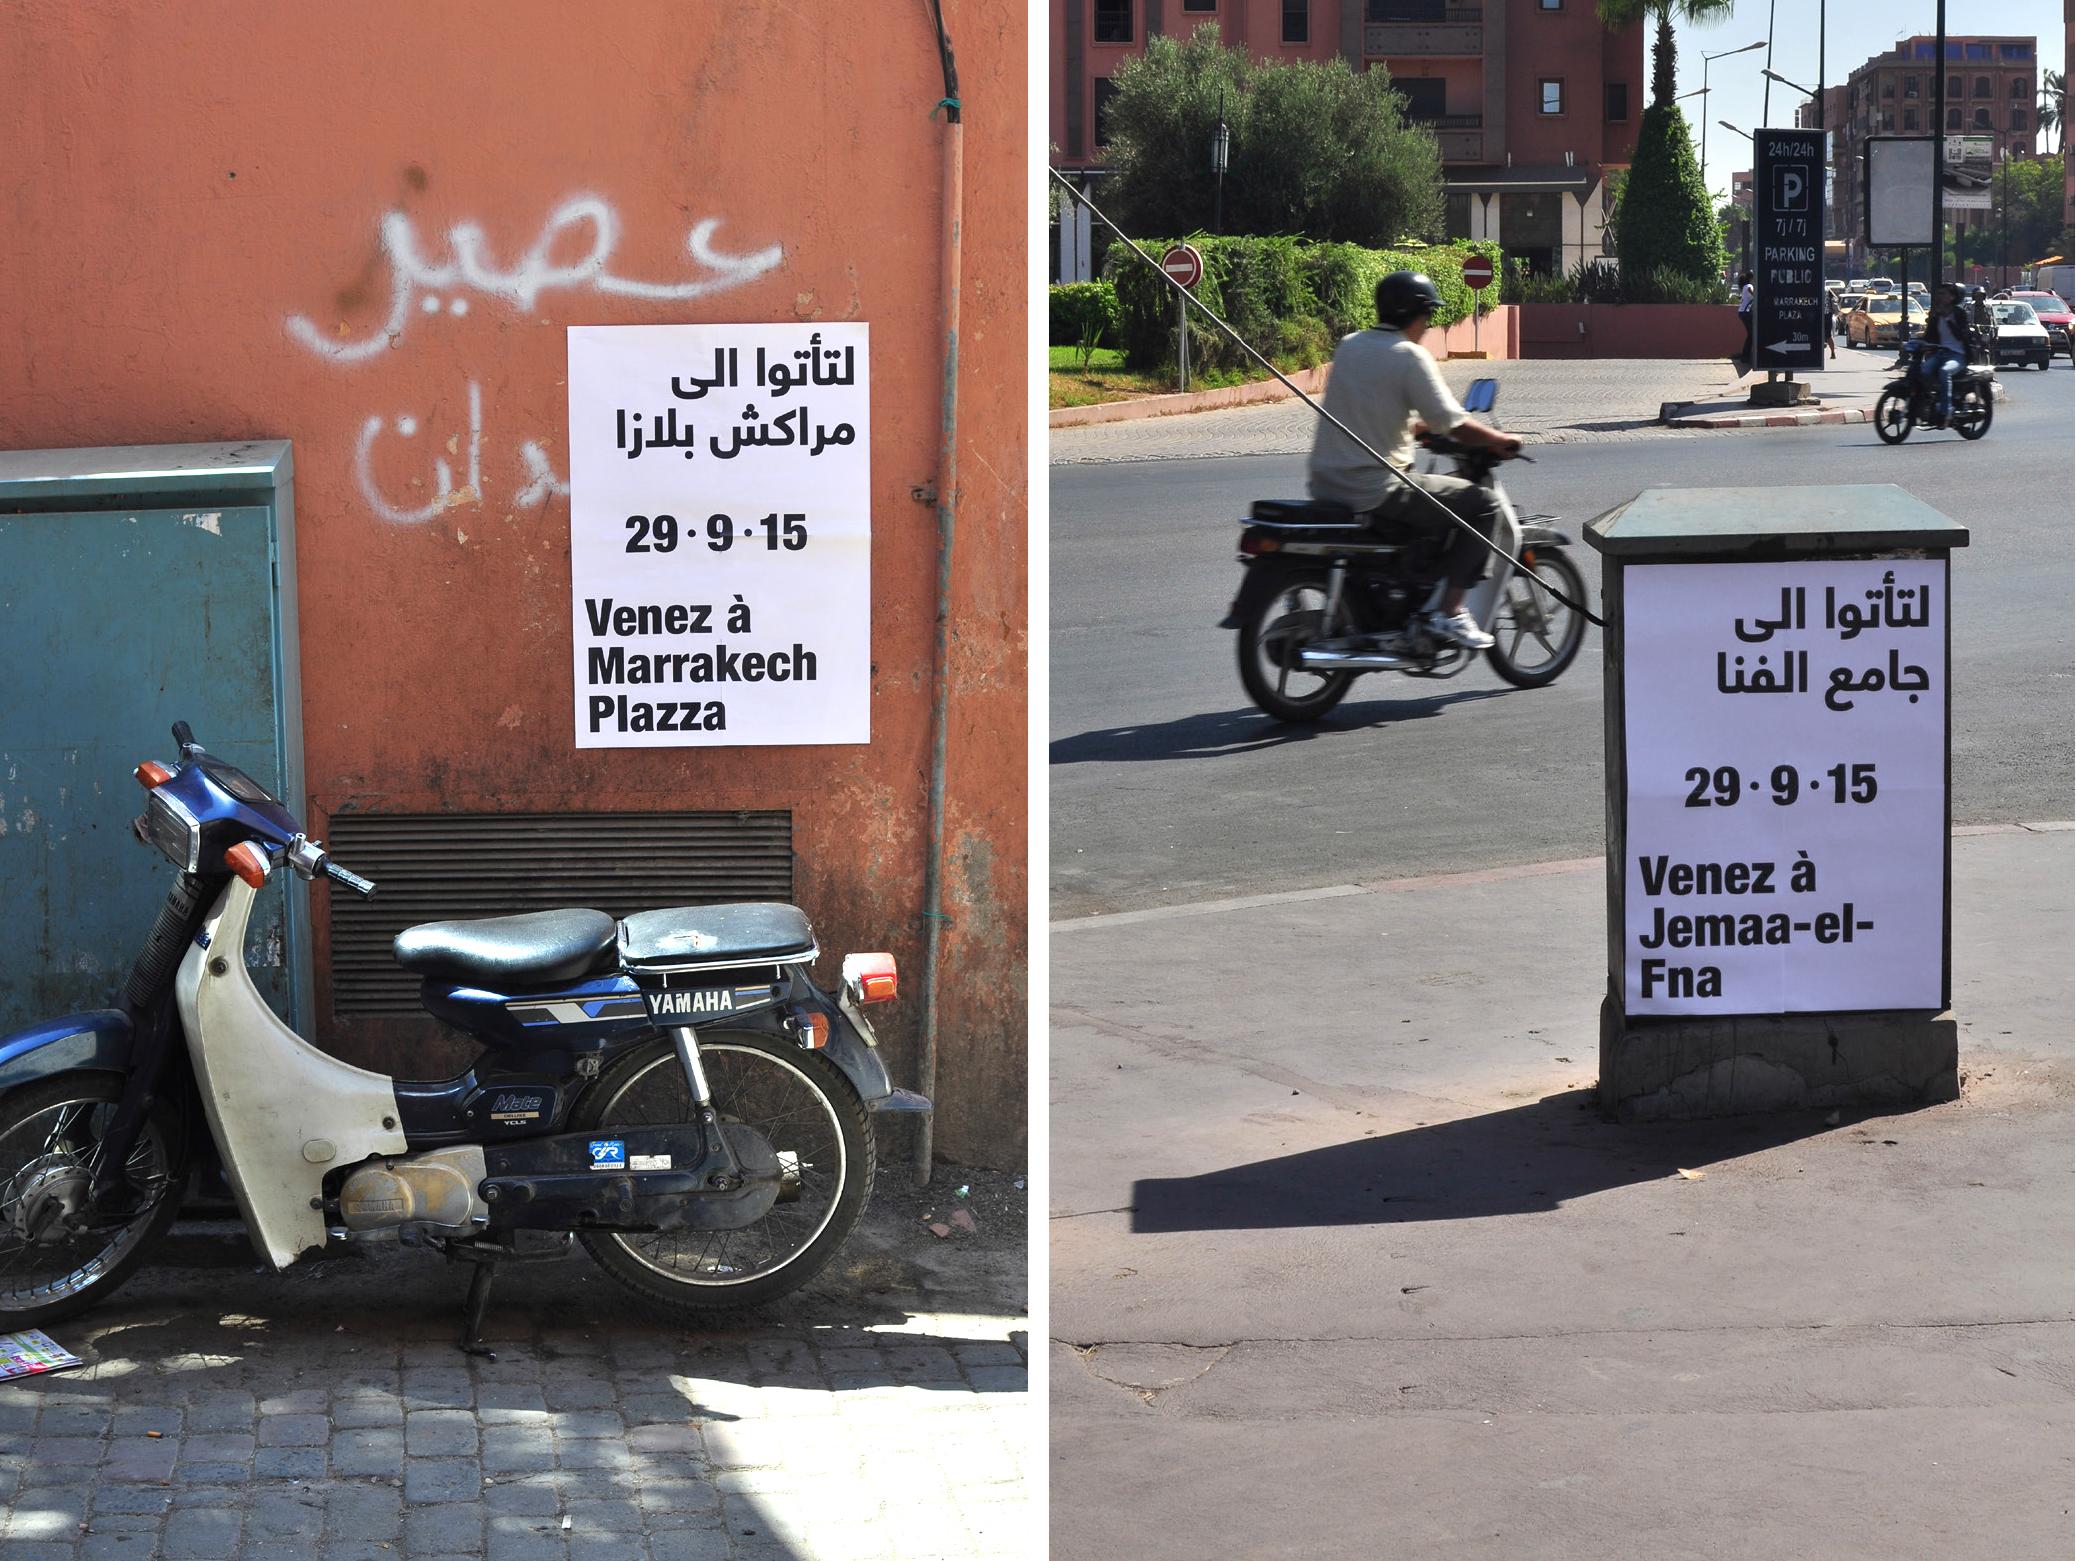 Projects_for_Marrakesh_Joana_Kelen2.jpg